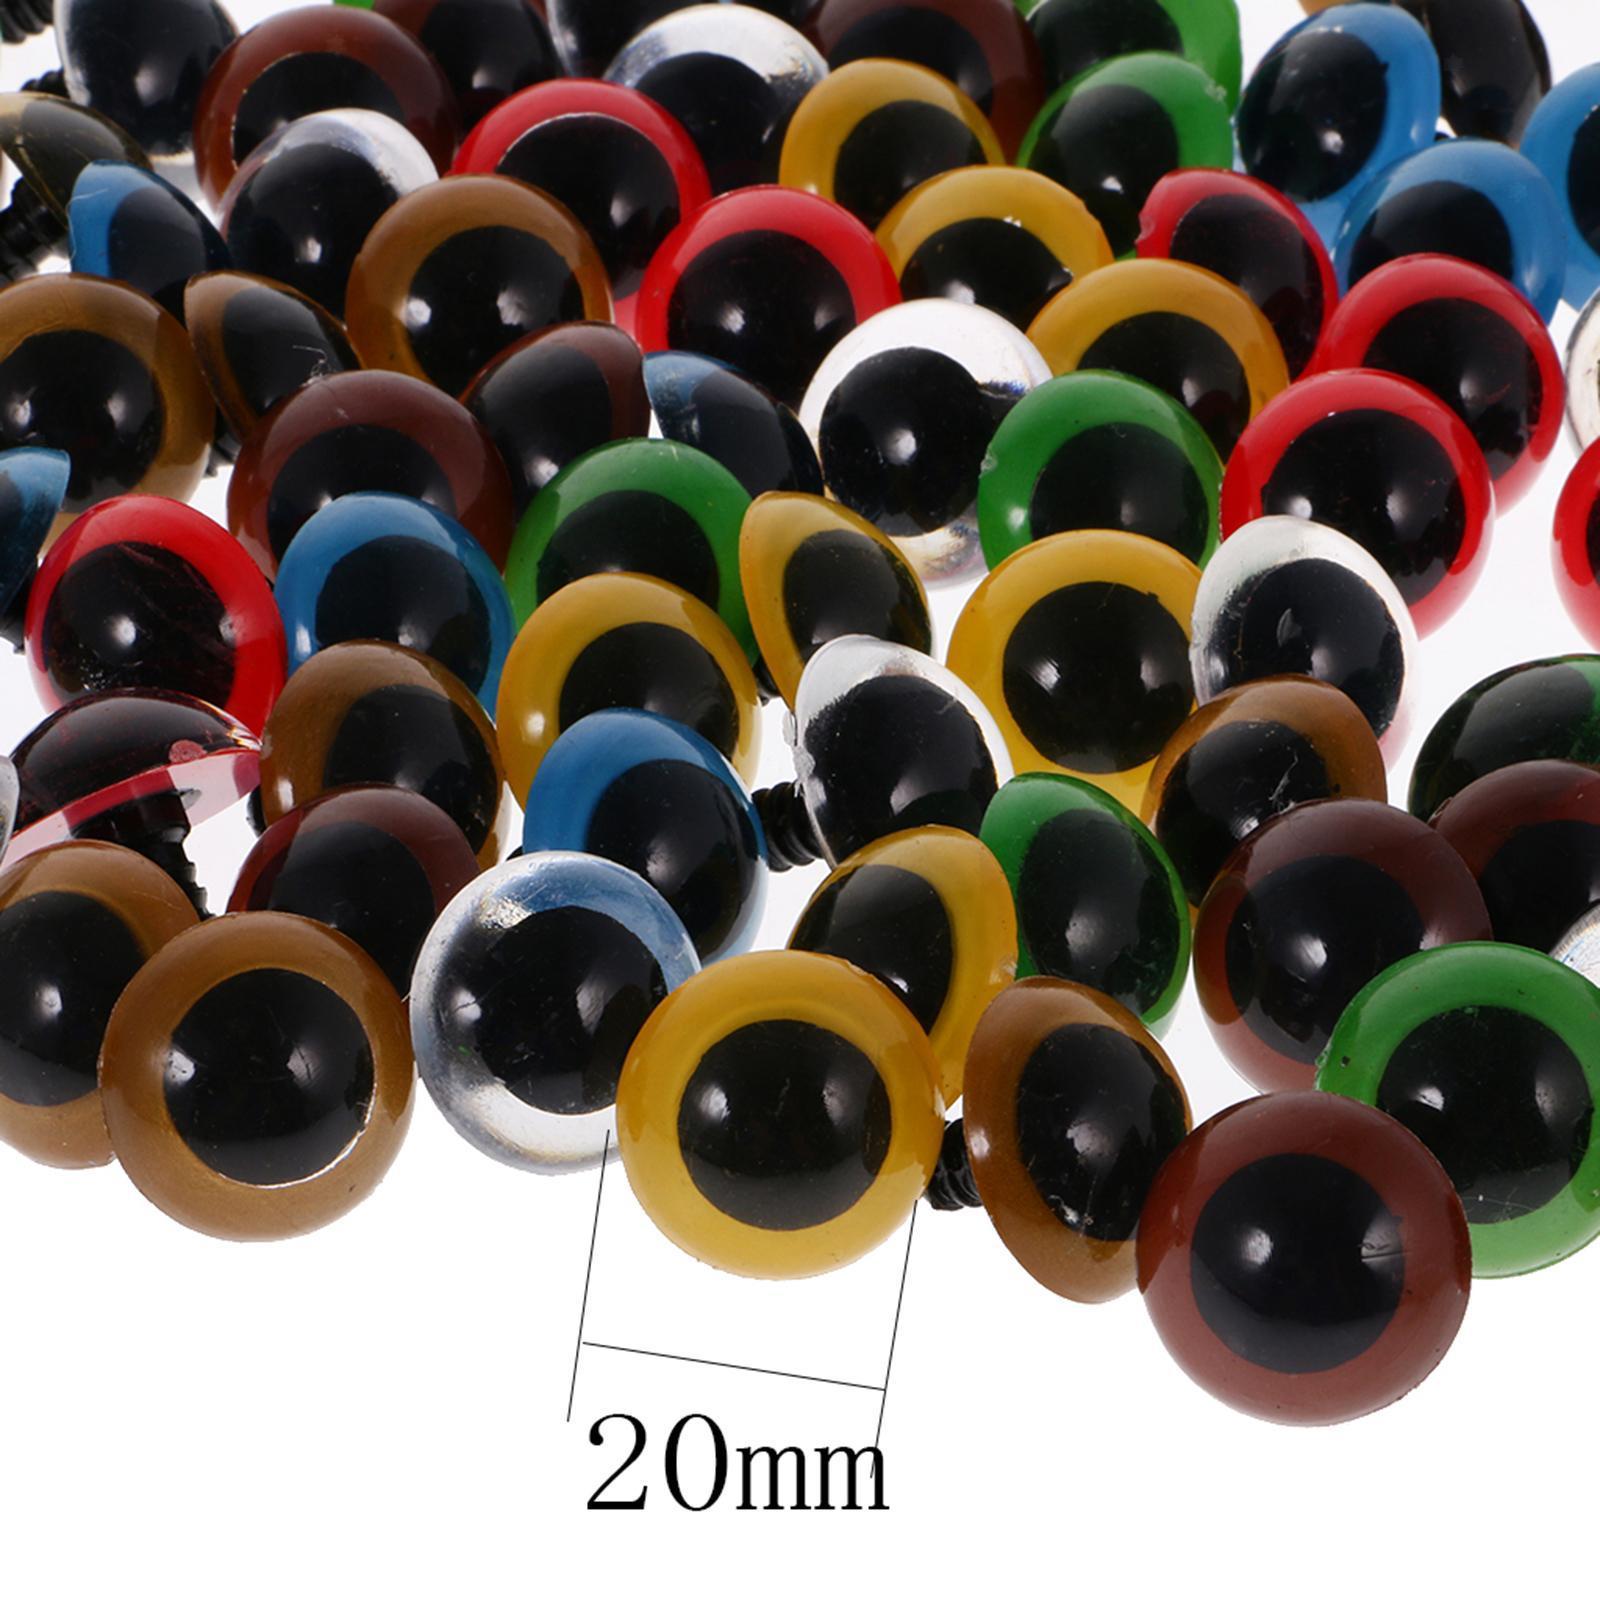 100x Glitzer Sicherheitsaugen Puppenaugen Amigurumi Zubehör DIY 10mm Bunt